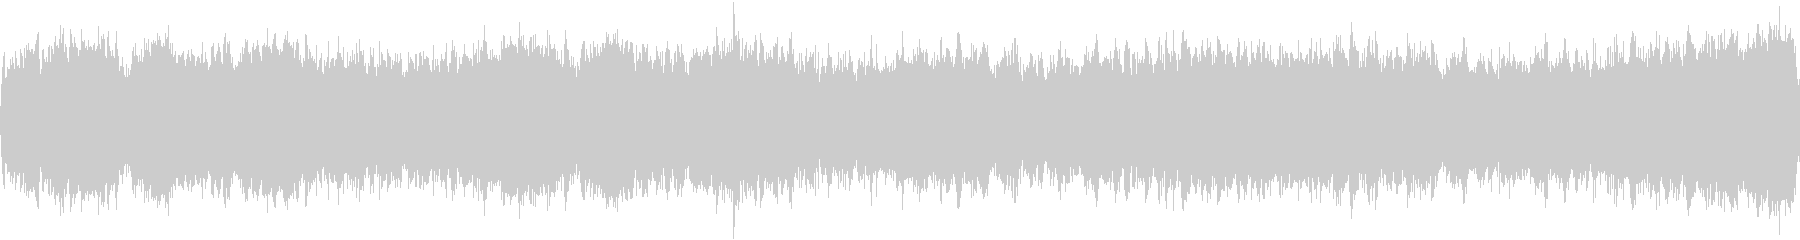 ロックオーケストラ 戦いpart1ループの未再生の波形